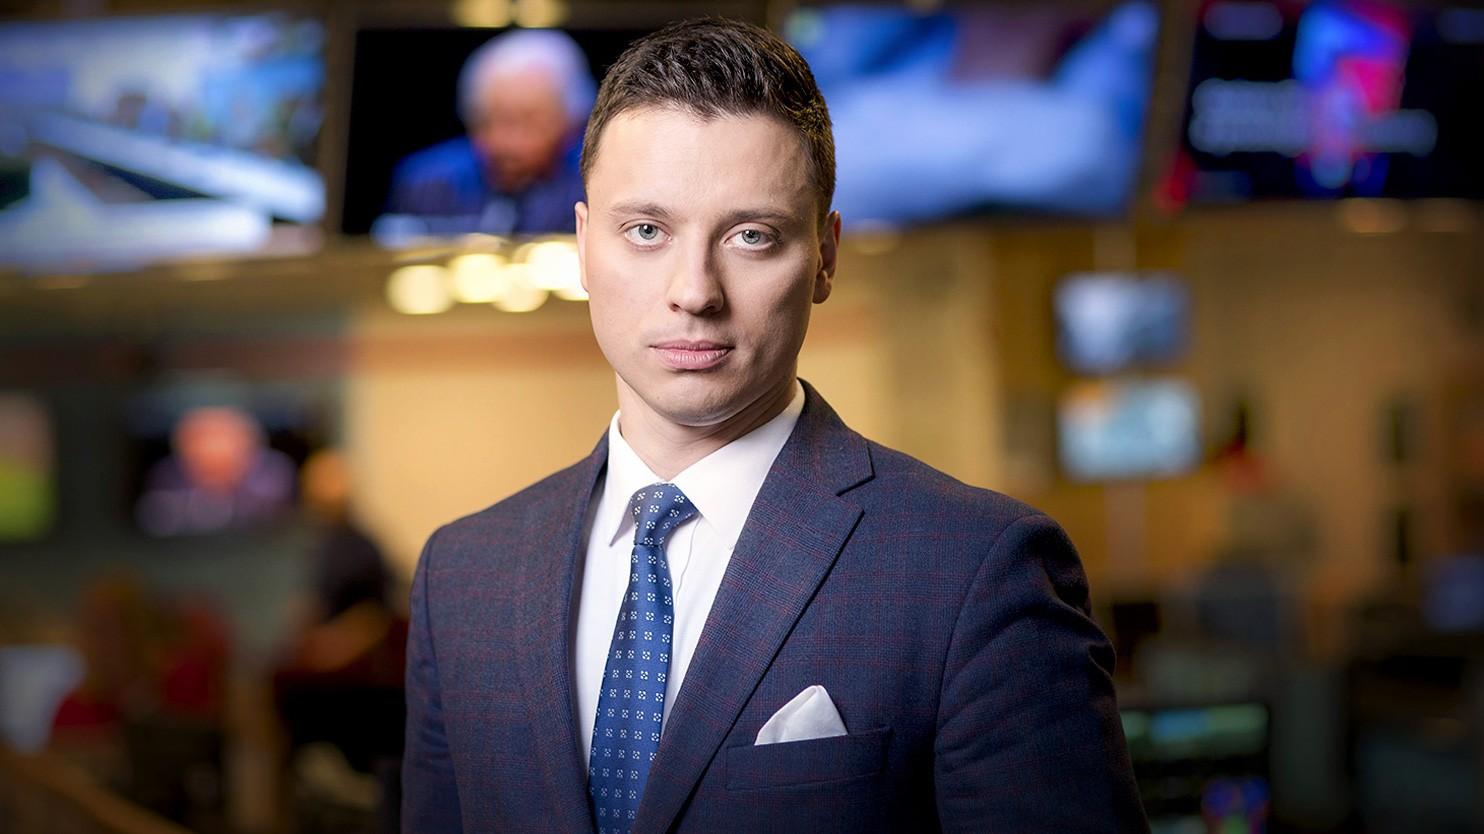 Już 7,5 miliona użytkowników wybrało portal Polsatnews.pl